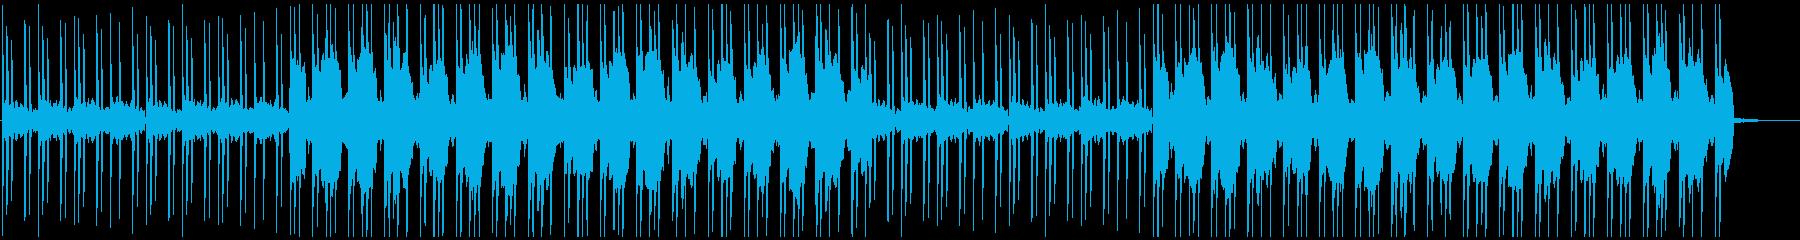 ローファイ、ヒップホップ、おしゃれ、CMの再生済みの波形